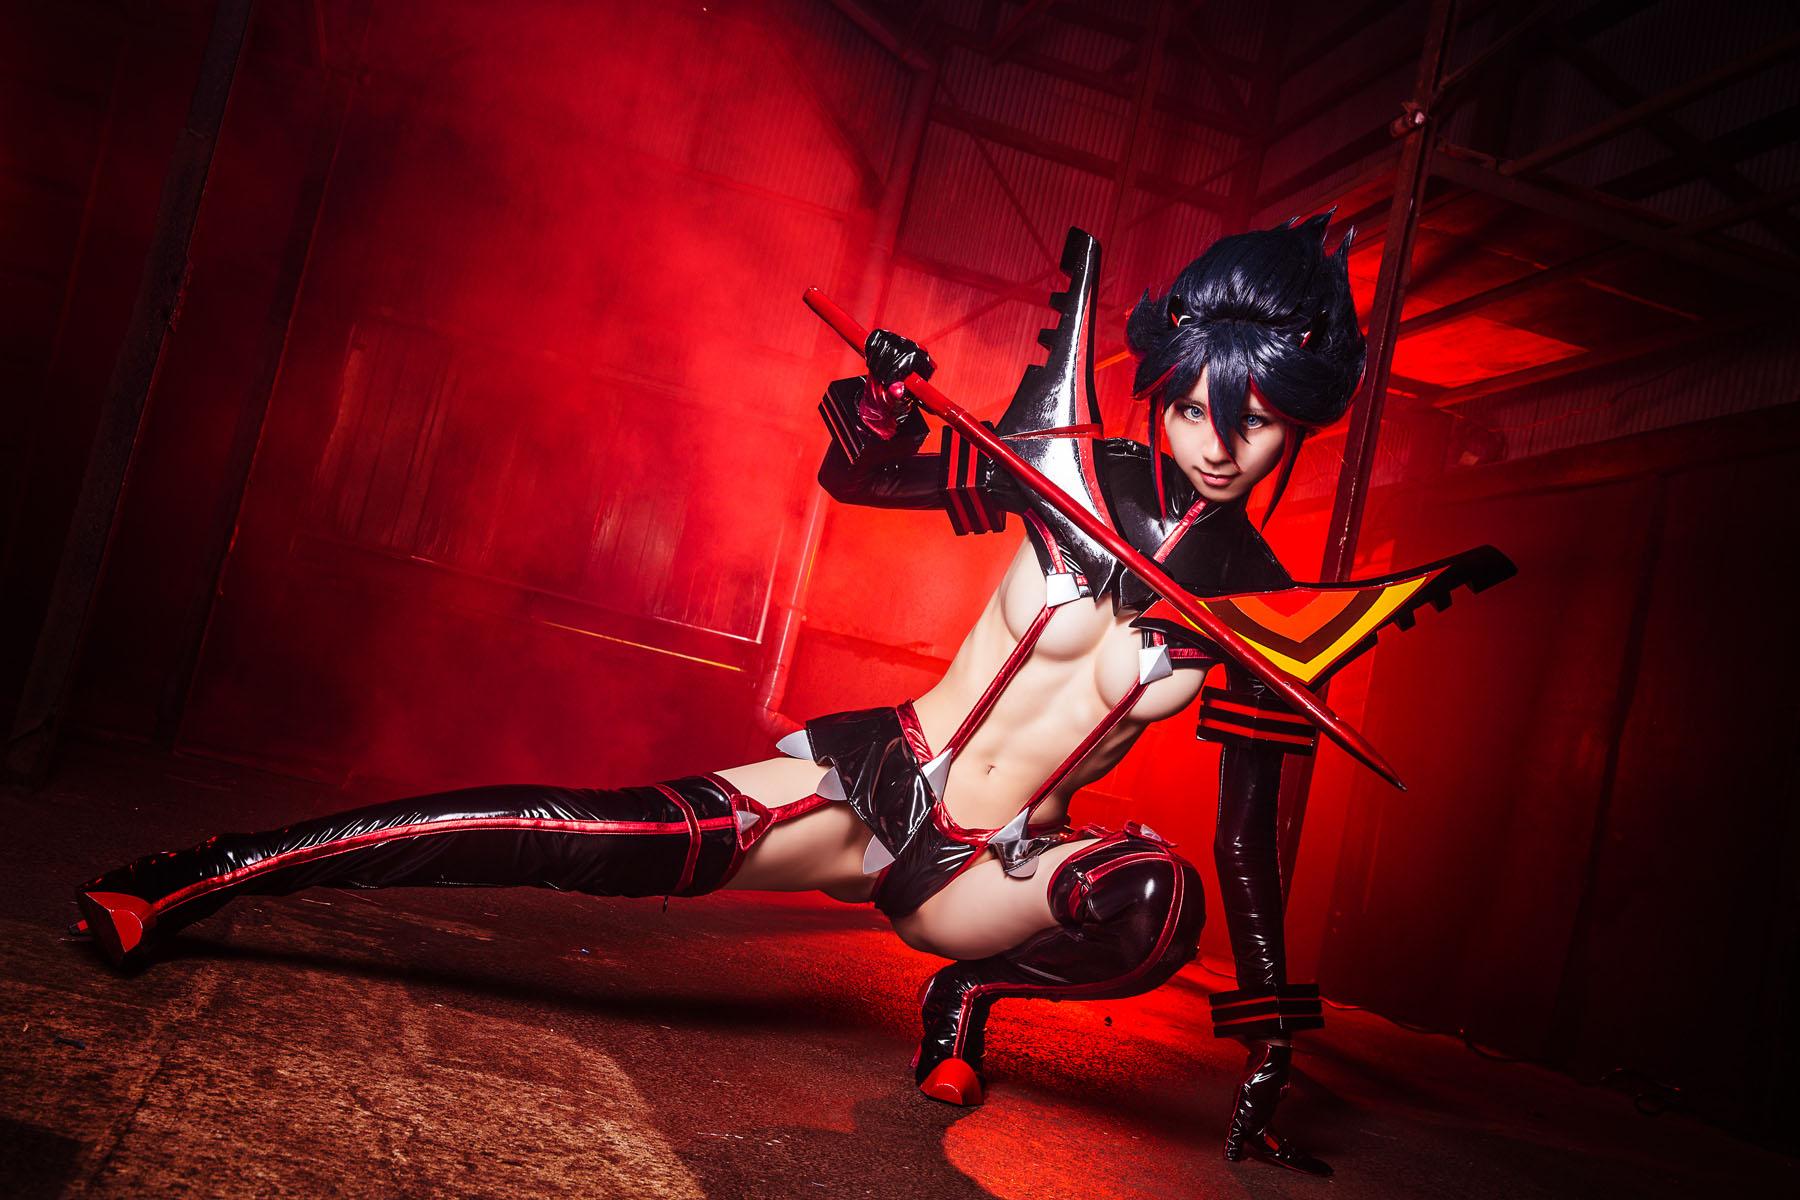 Kill la Kill Ryuuko Matoi anime cosplay by Mikehouse 0092